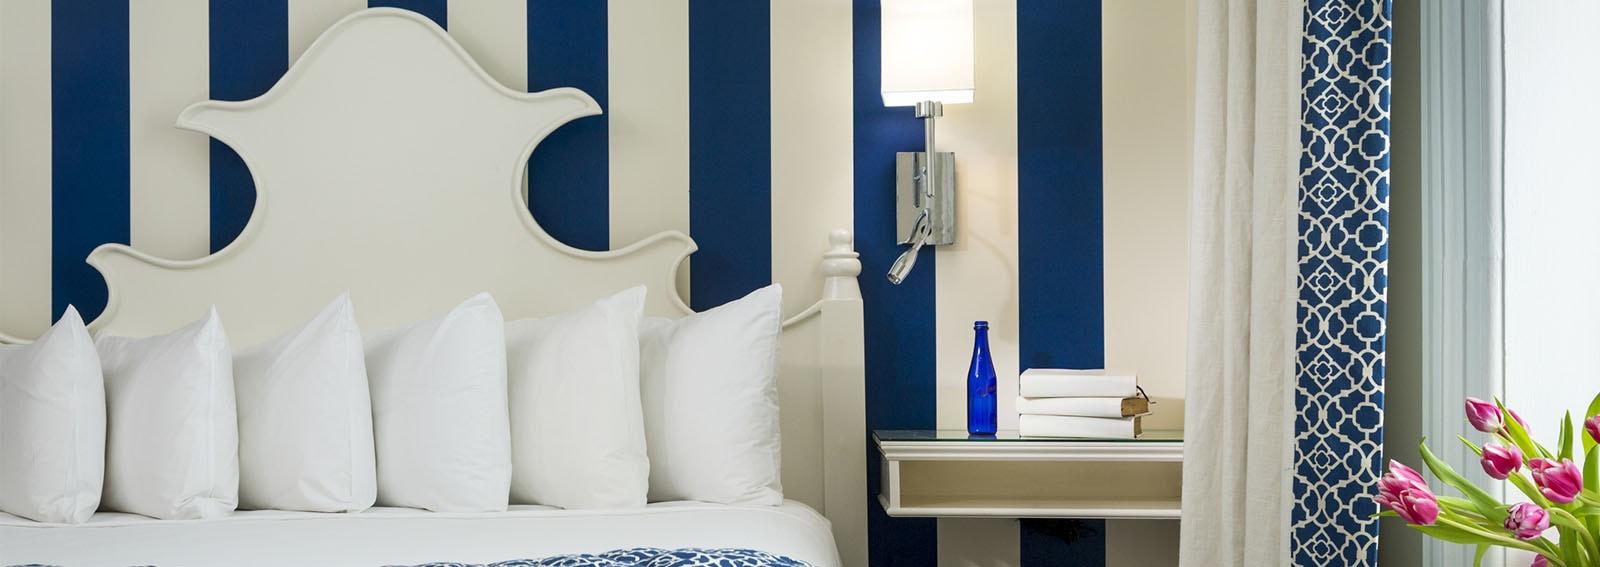 Carta da parati moderna le idee più belle per la camera da letto cover desktop